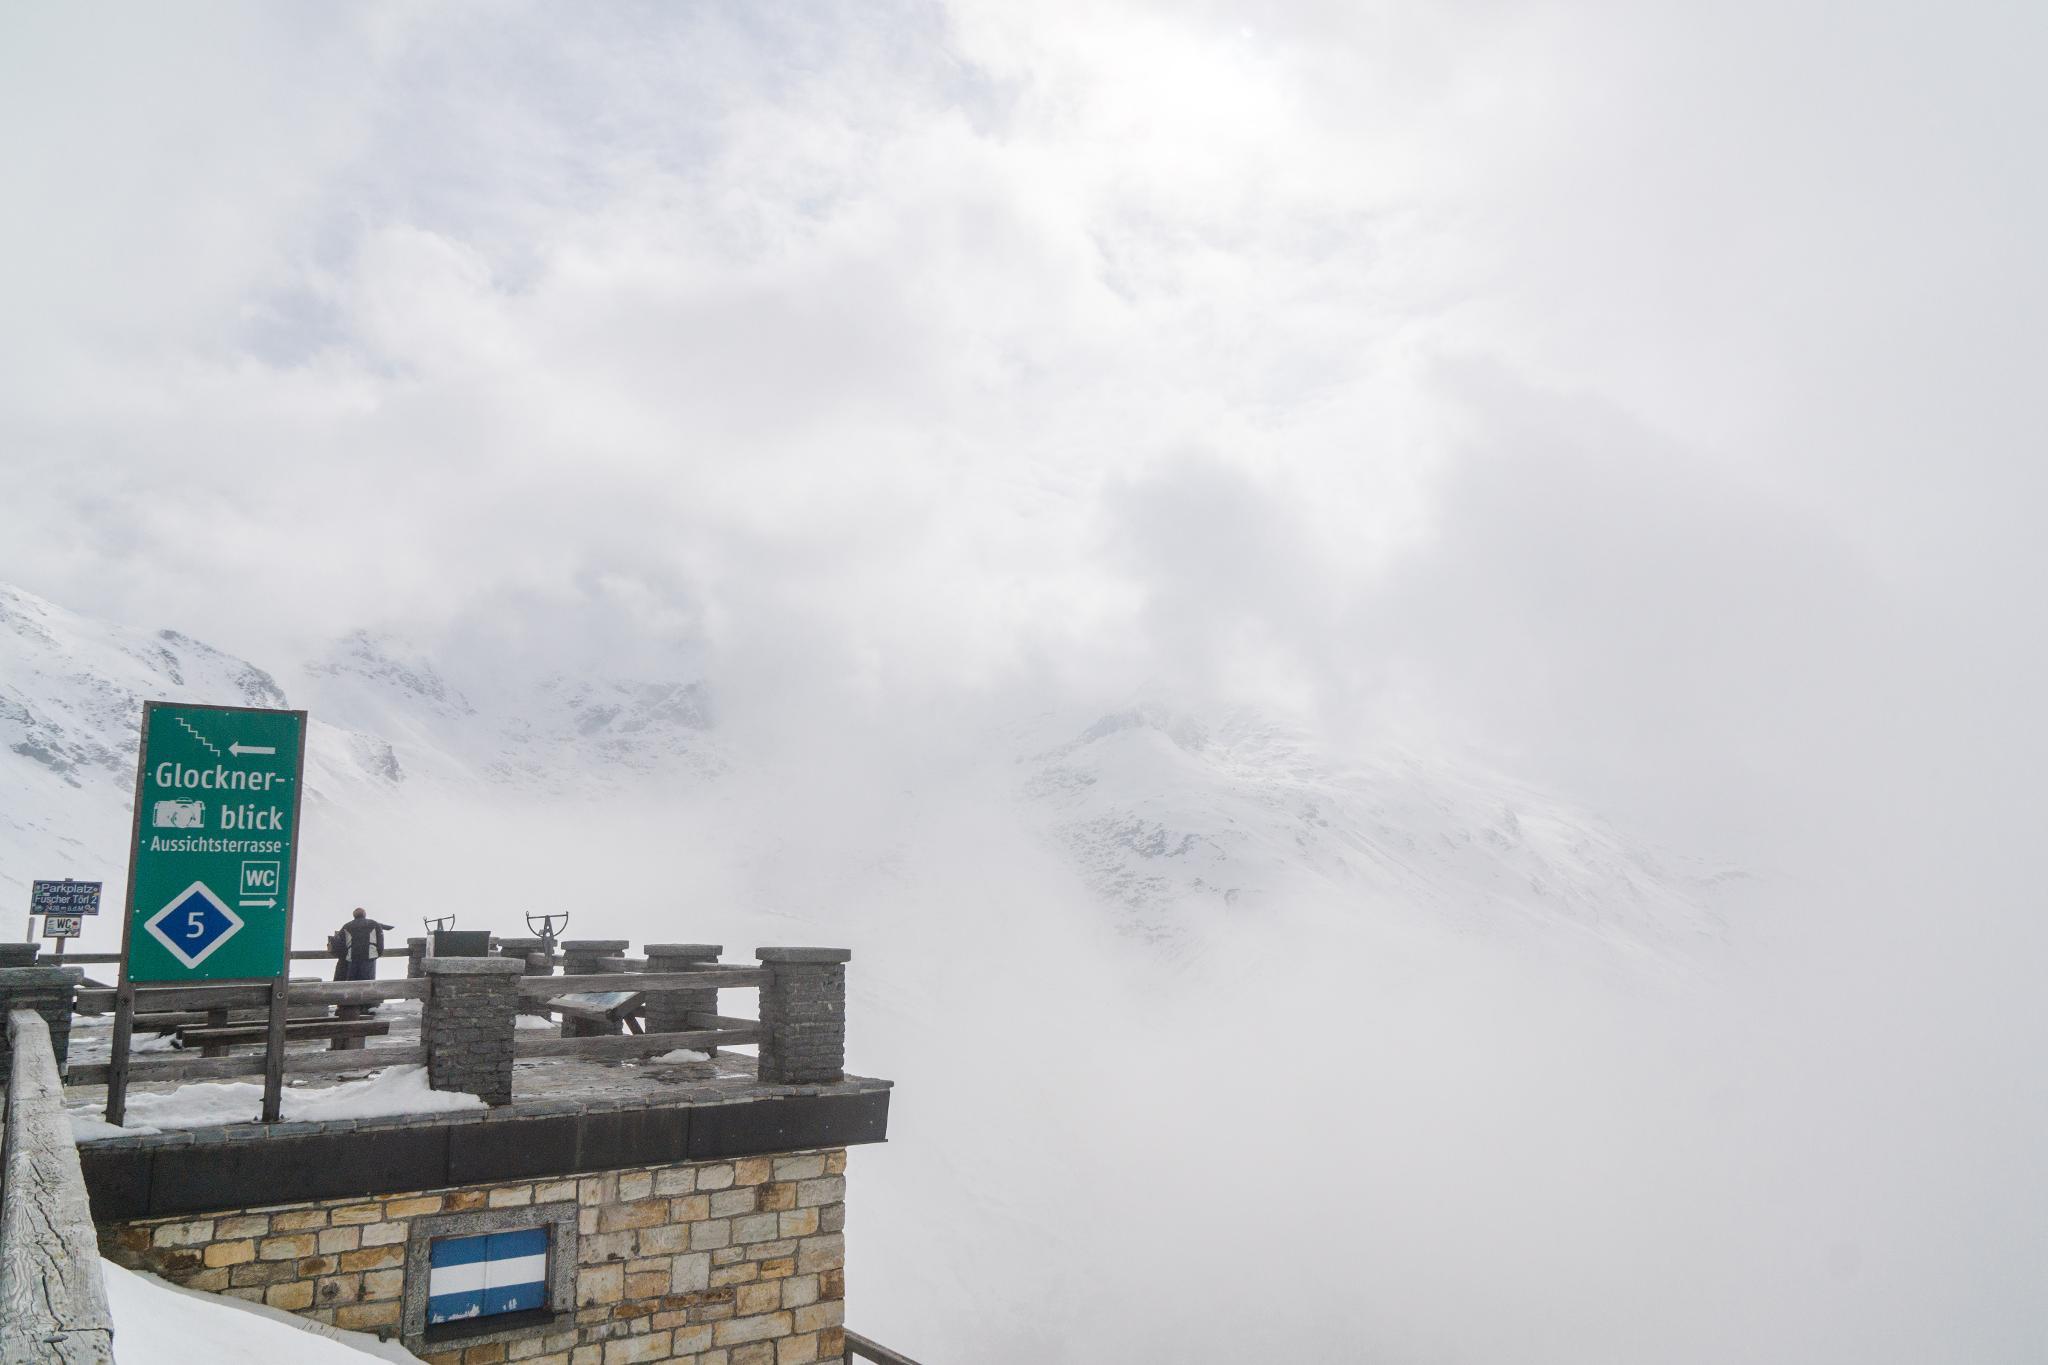 【奧地利】穿越阿爾卑斯之巔 — 奧地利大鐘山冰河公路 (Grossglockner High Alpine Road) 57